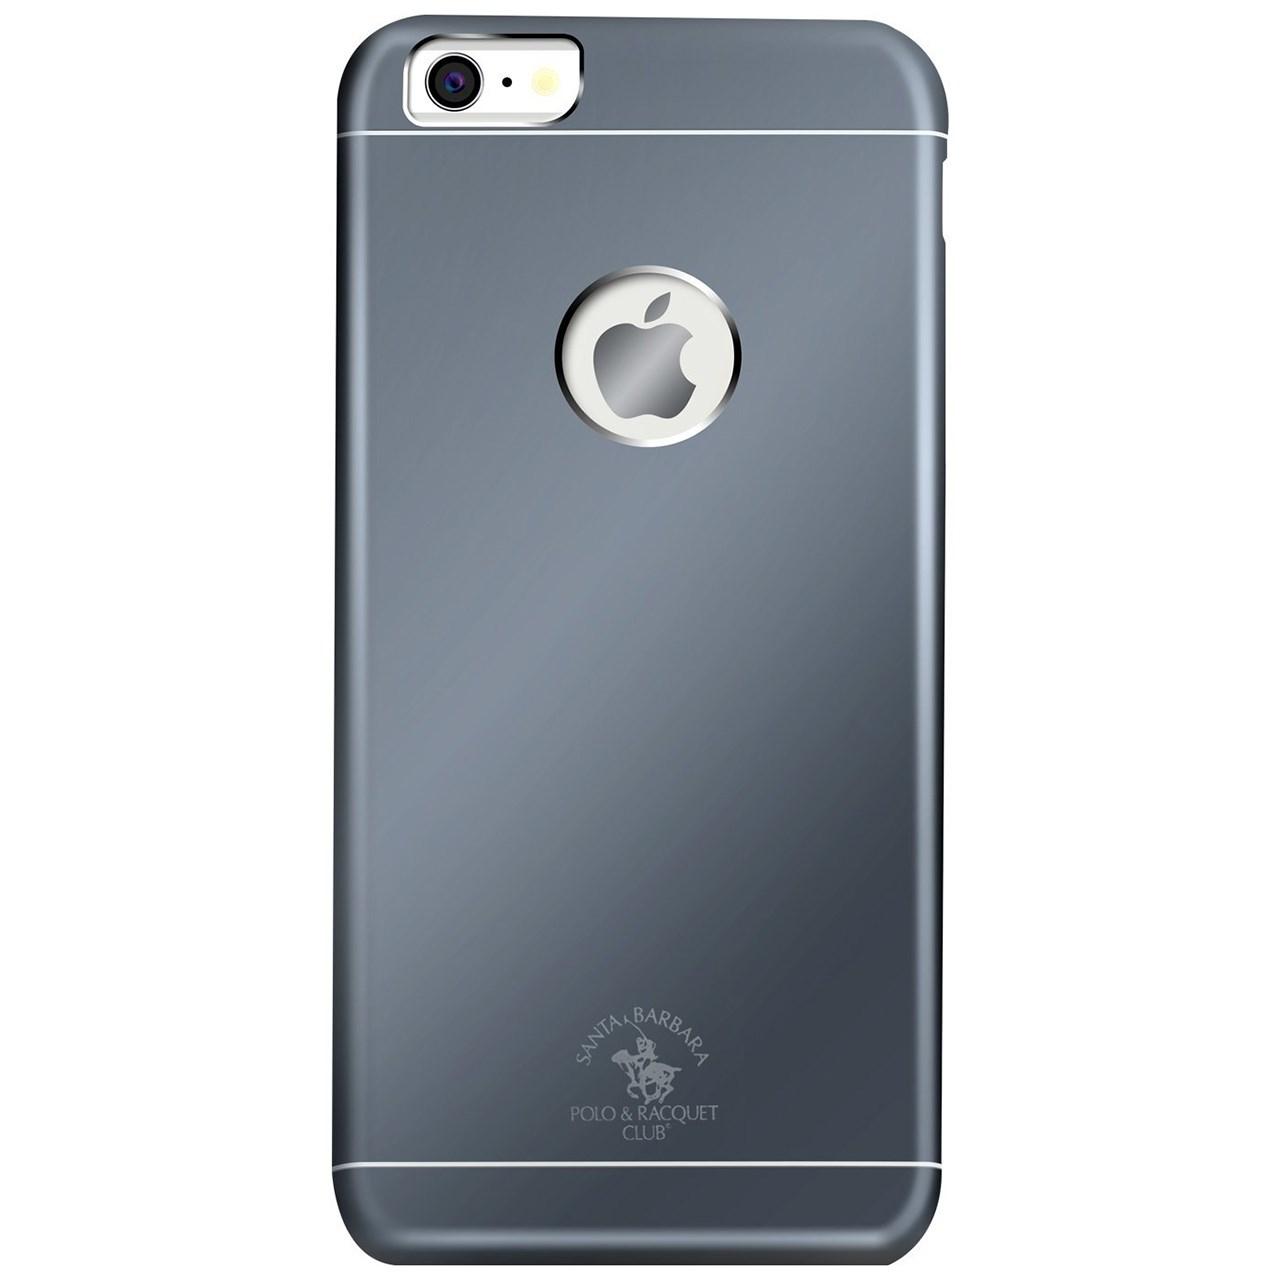 کاور سانتا باربارا مدل Blaze مناسب برای گوشی موبایل آیفون 6/6s